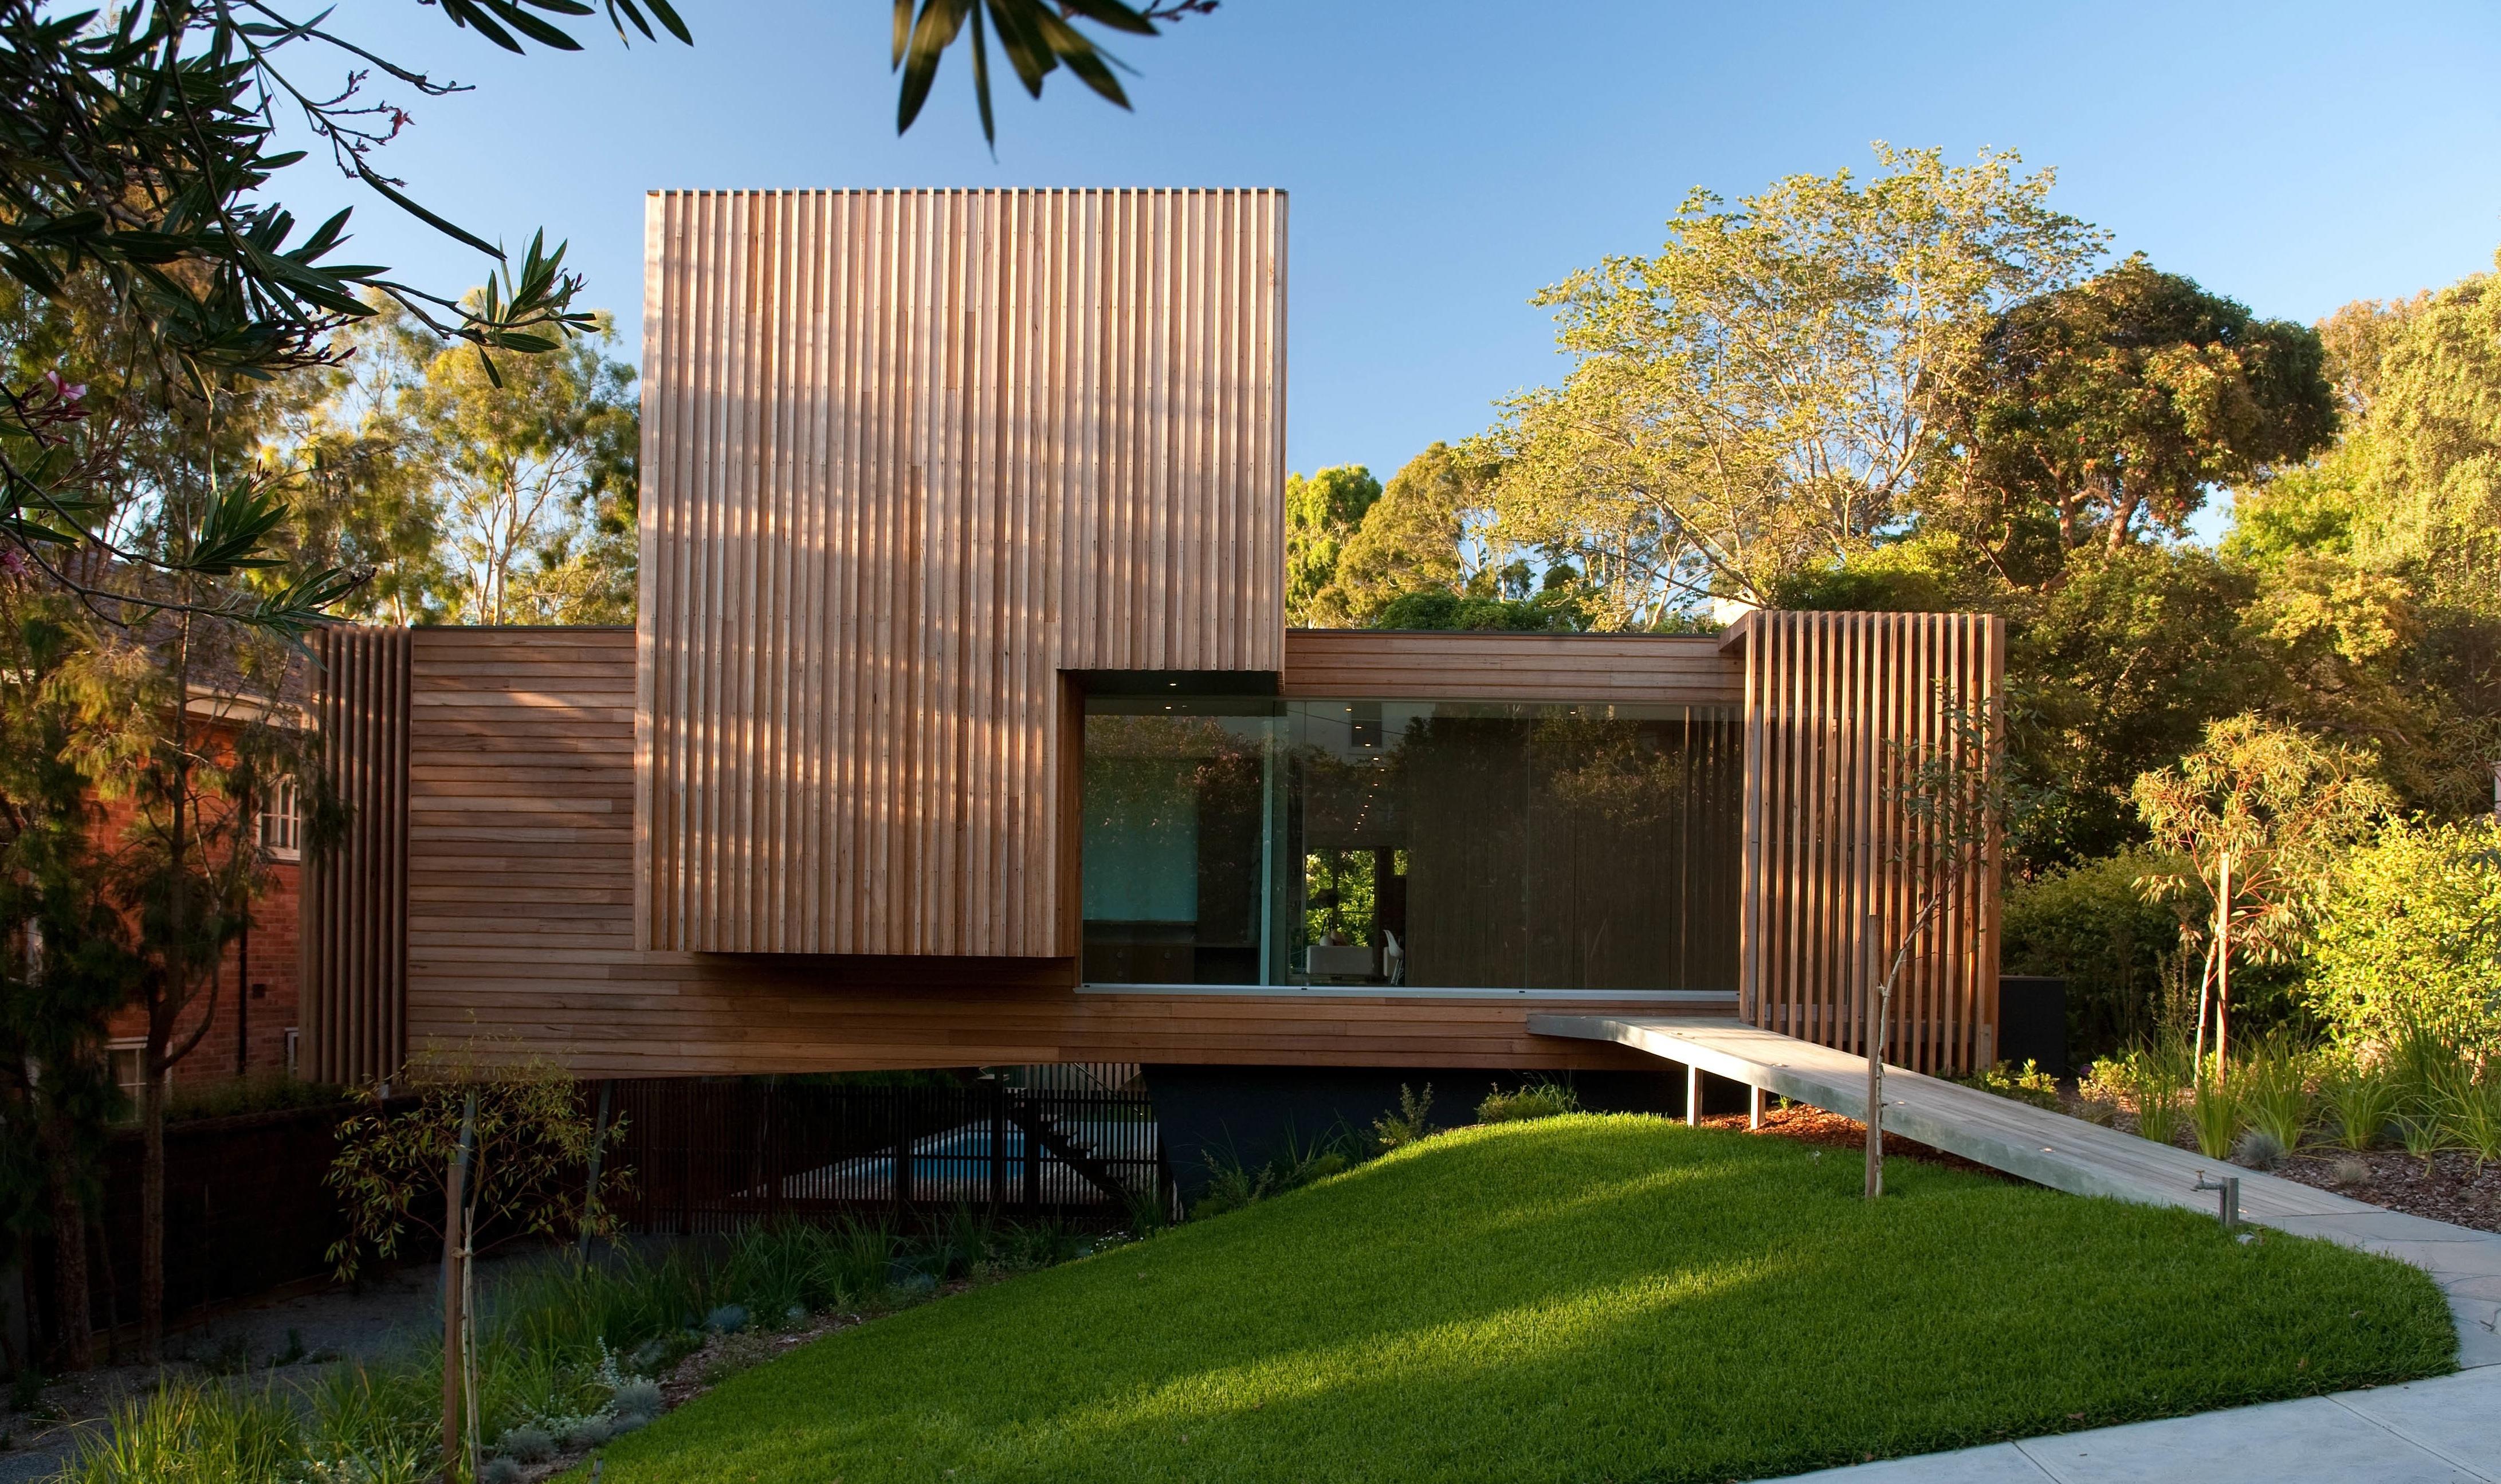 Дом из дерева в стиле хай тек